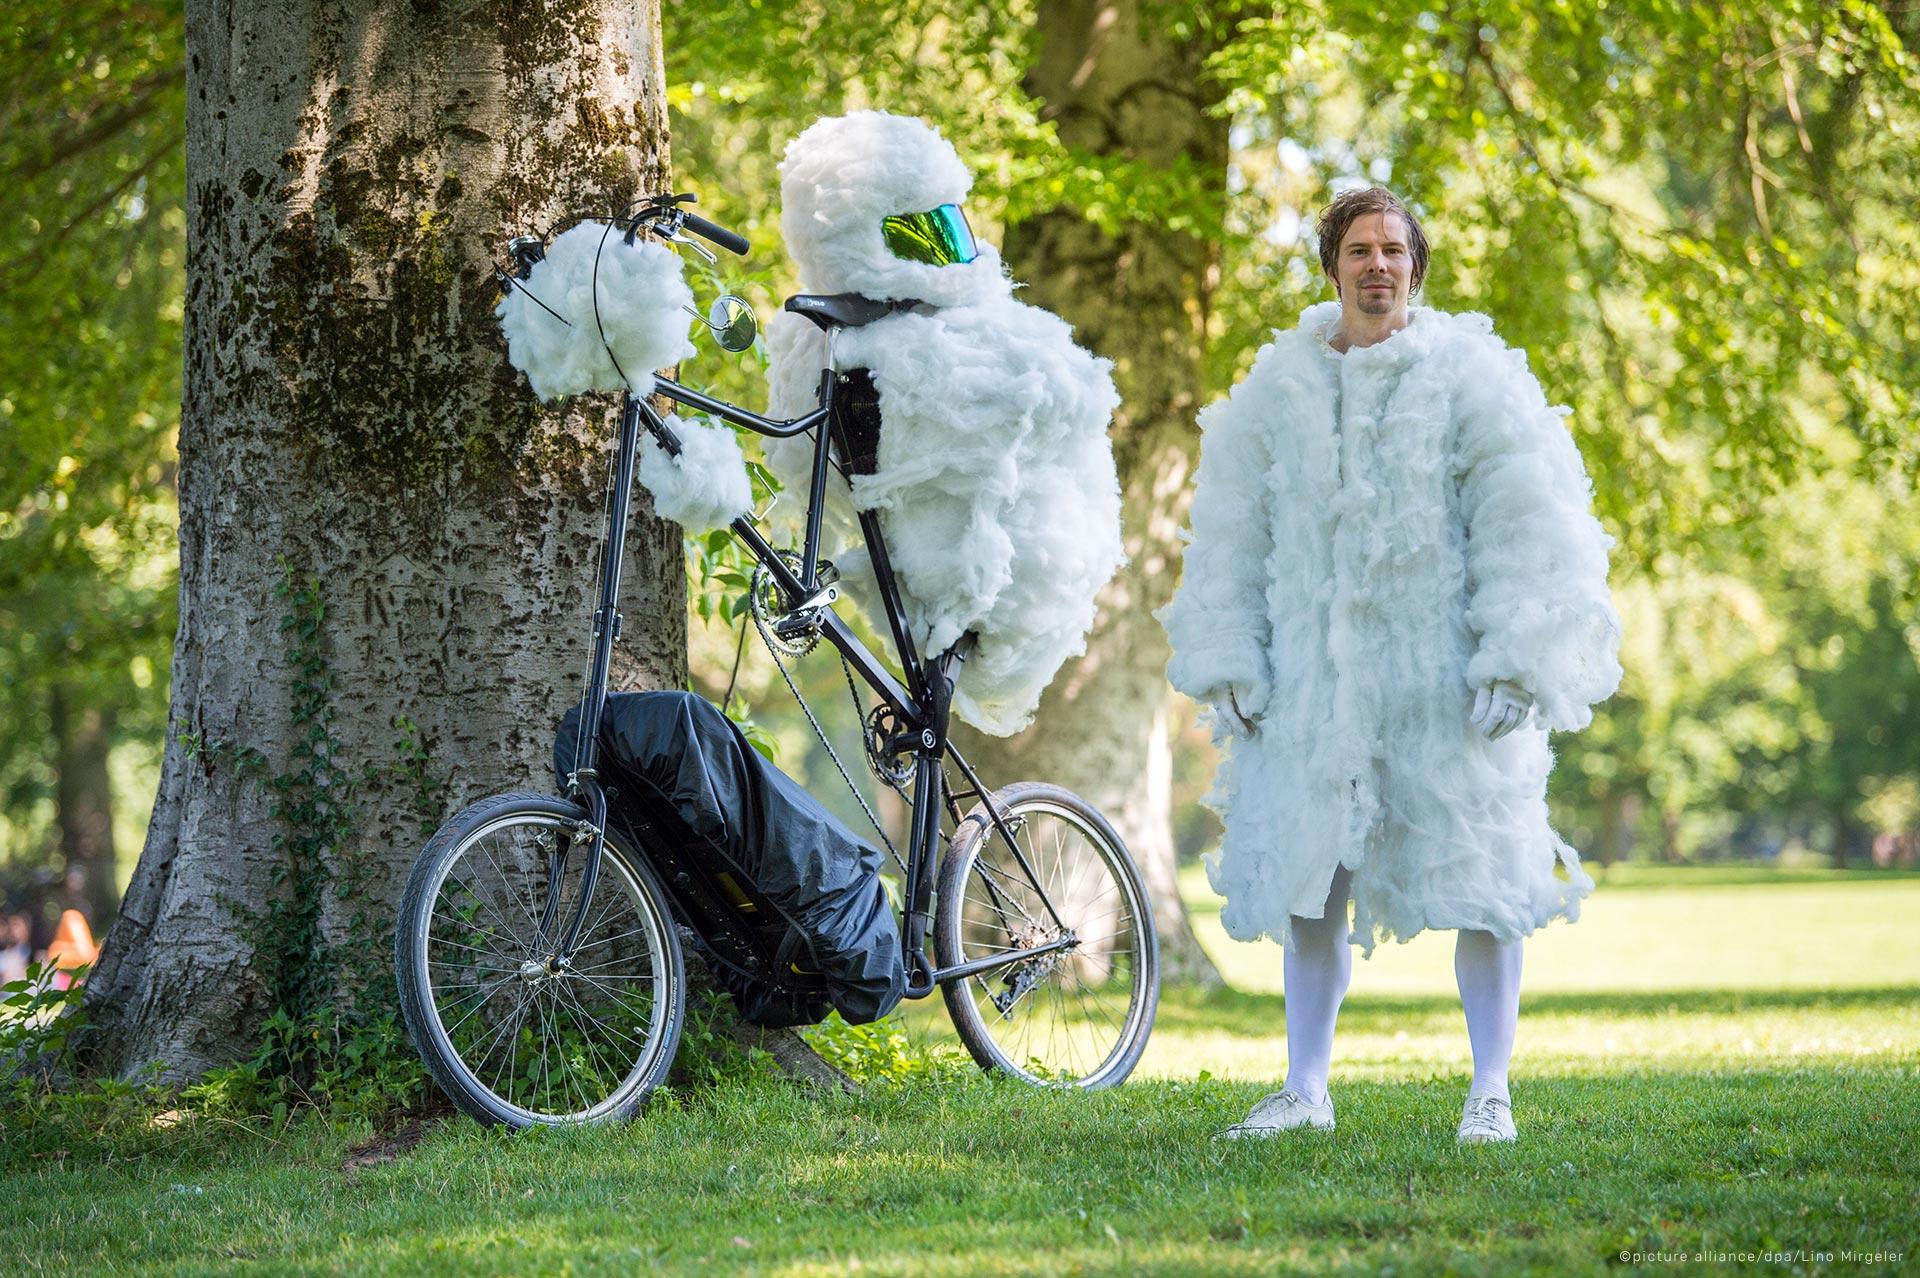 air-pollution-wolkenradler-cycling-cloud-cyclist-luftverschmutzung-soap-bubbles-smoke-106902923